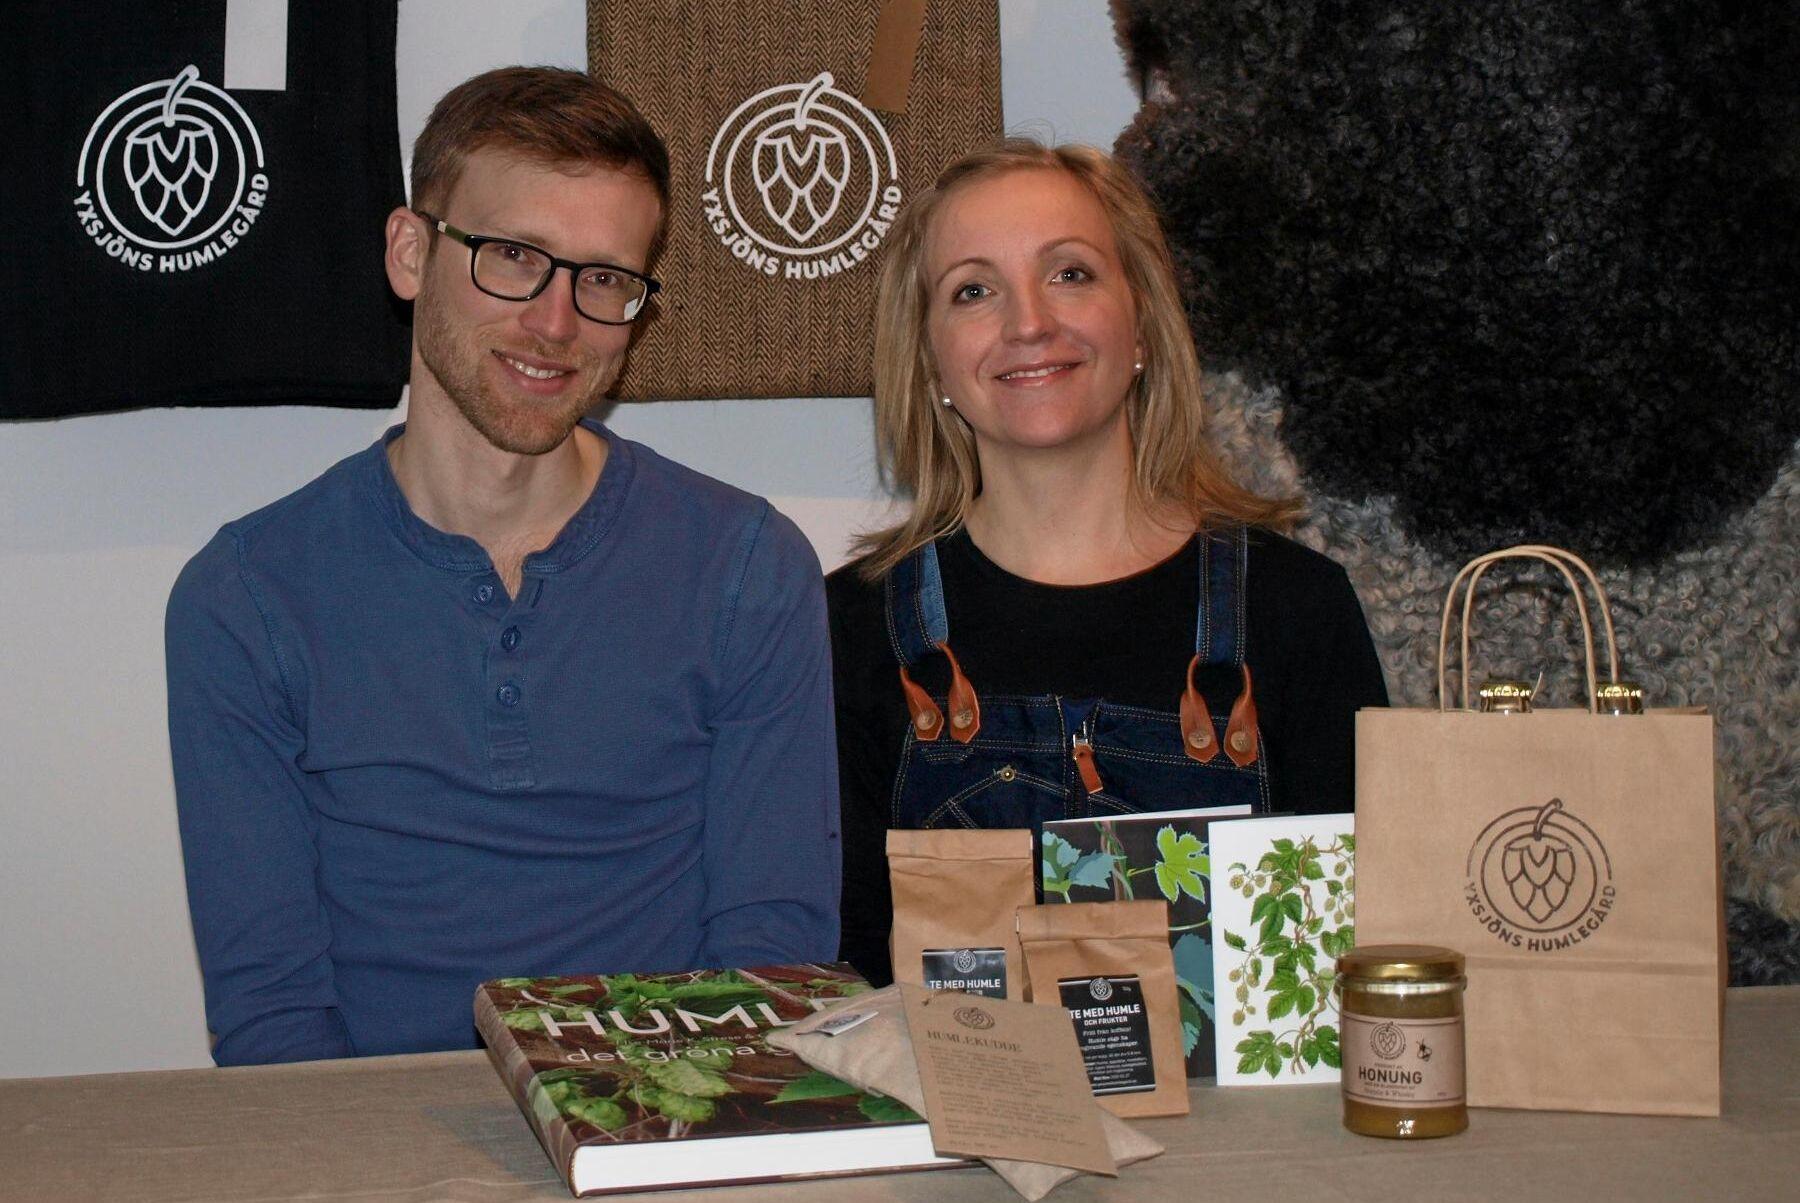 – Det finns också mycket annat än öl man kan göra av humle, till exempel örtsalt och koffeinfria teer, säger Erik och Carolina Råberg, som driver Yxsjöns Humlegård i Härryda.